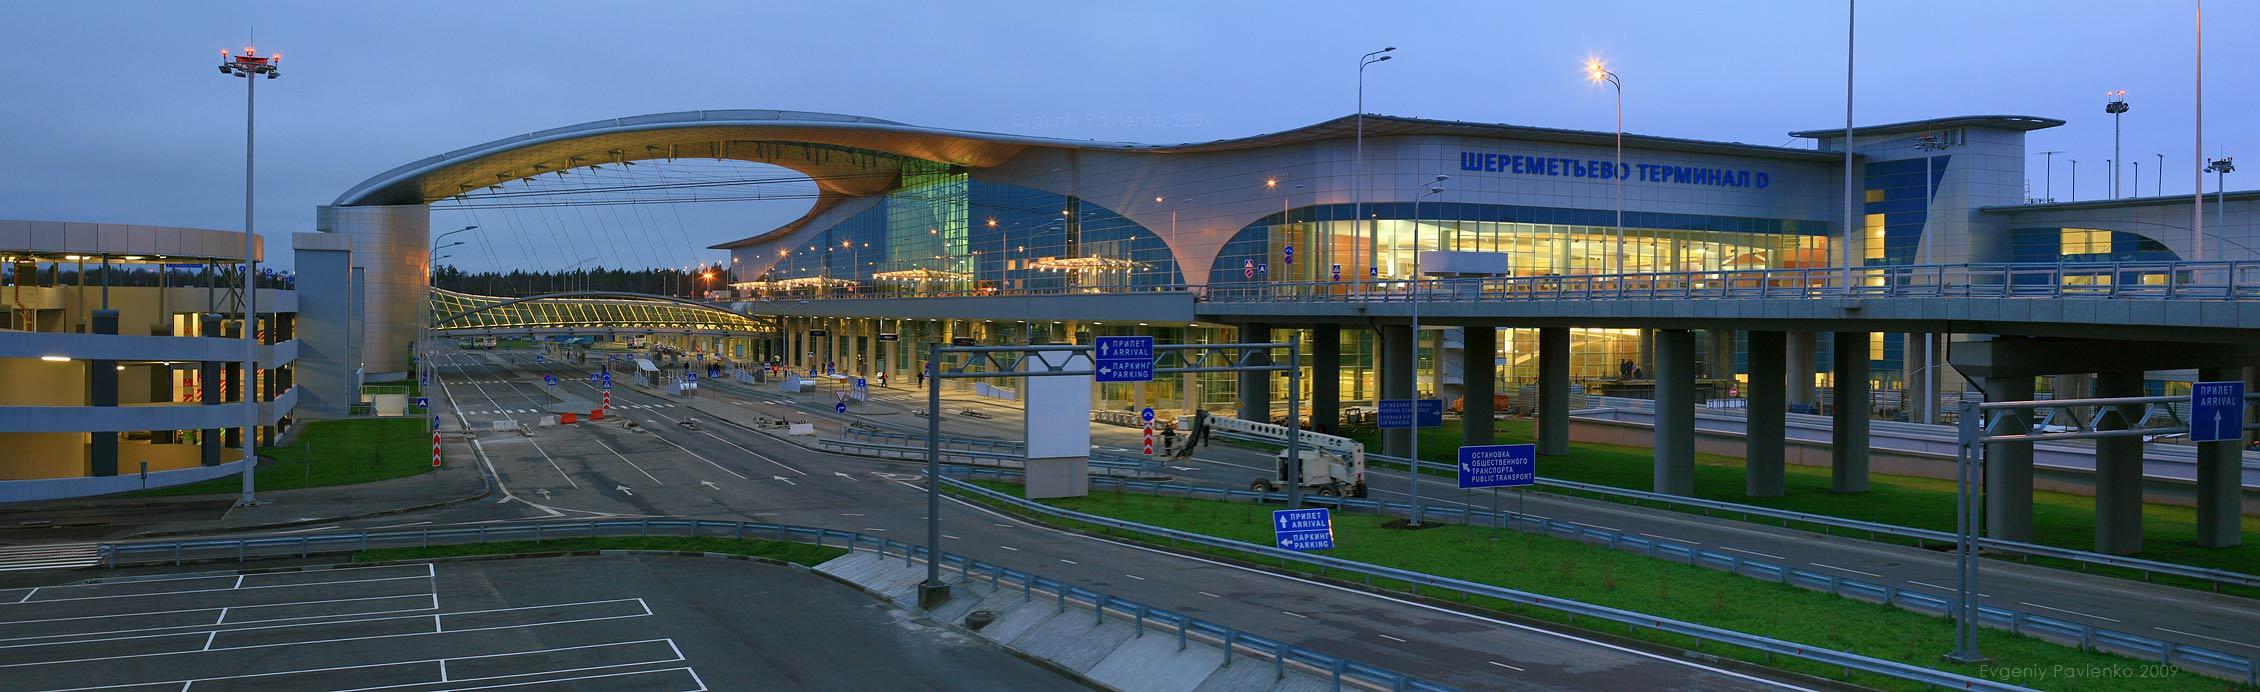 Аэропорт-Москва-Шереметьево